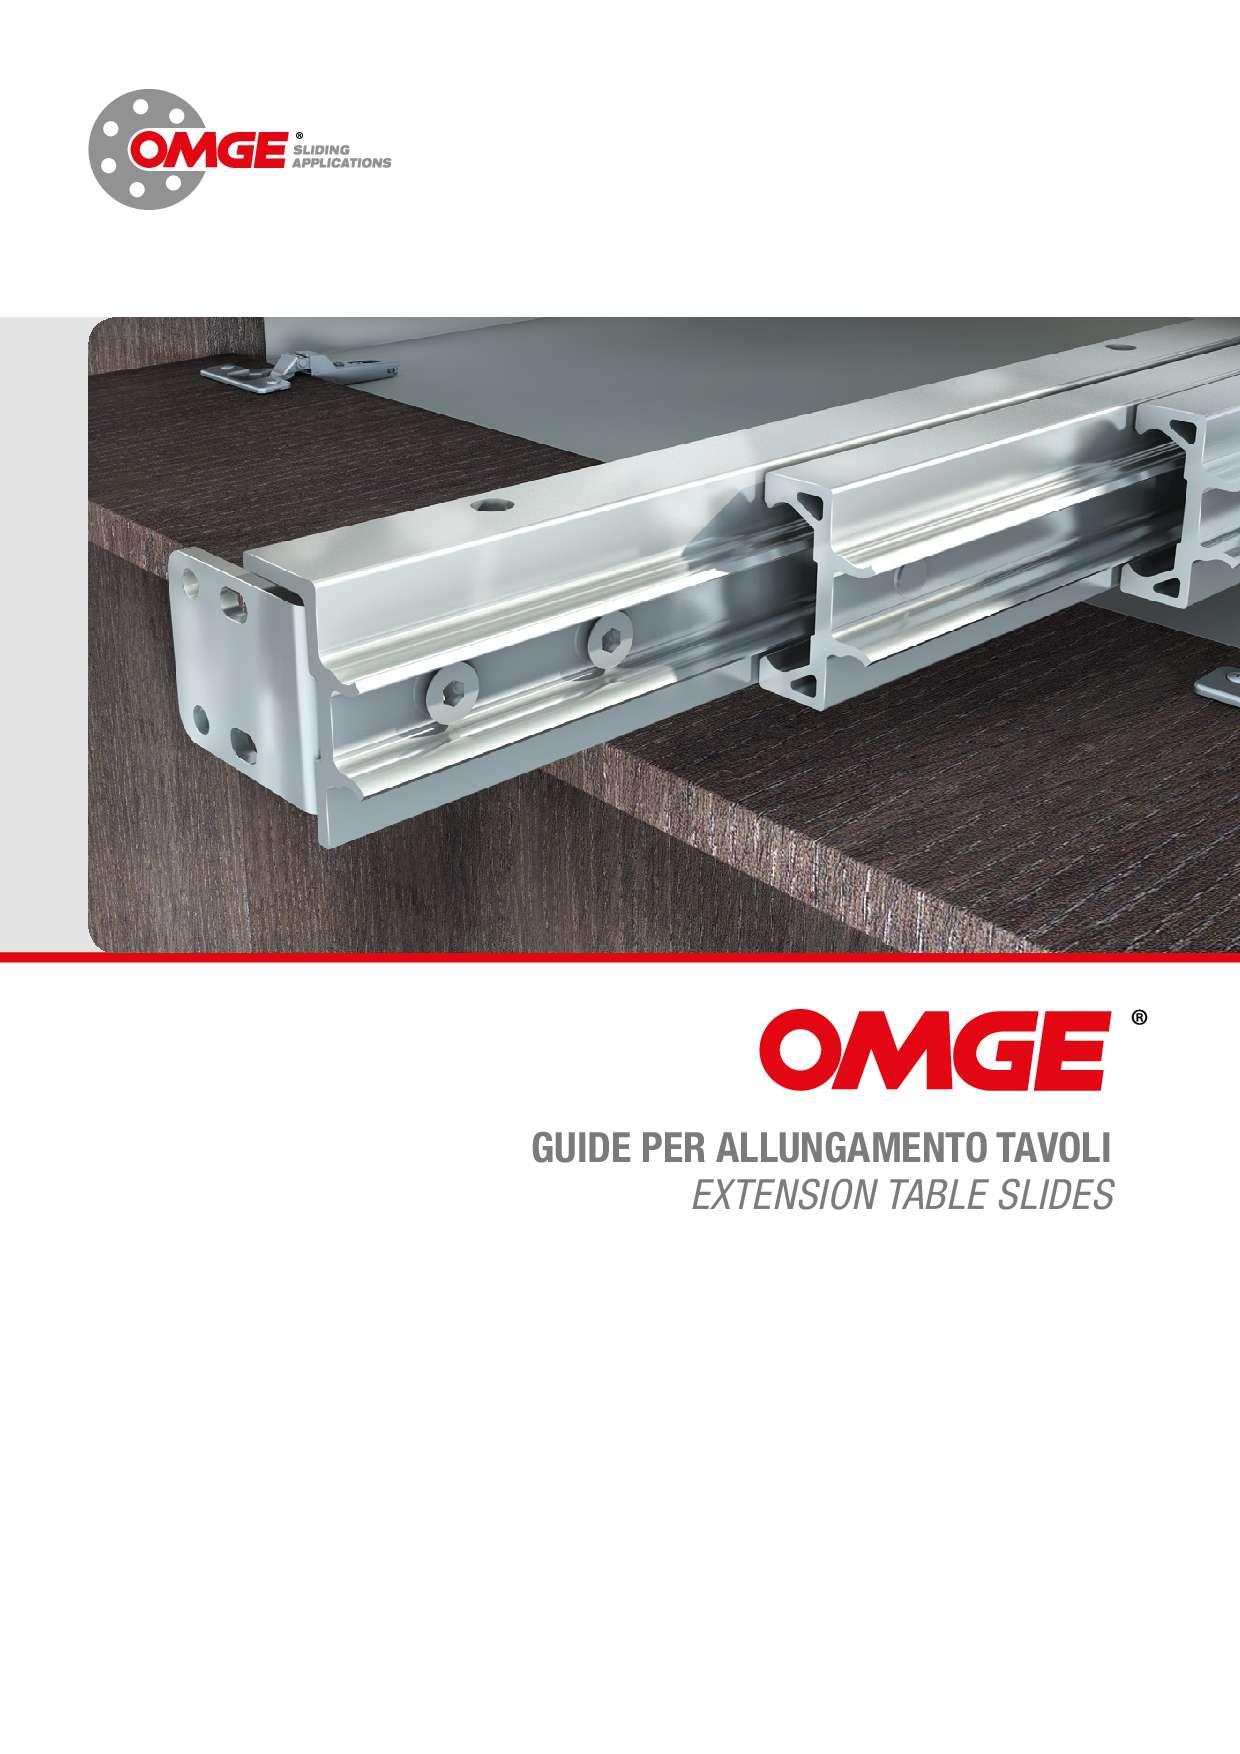 Guide per allungamento tavoli 2020 di Omge